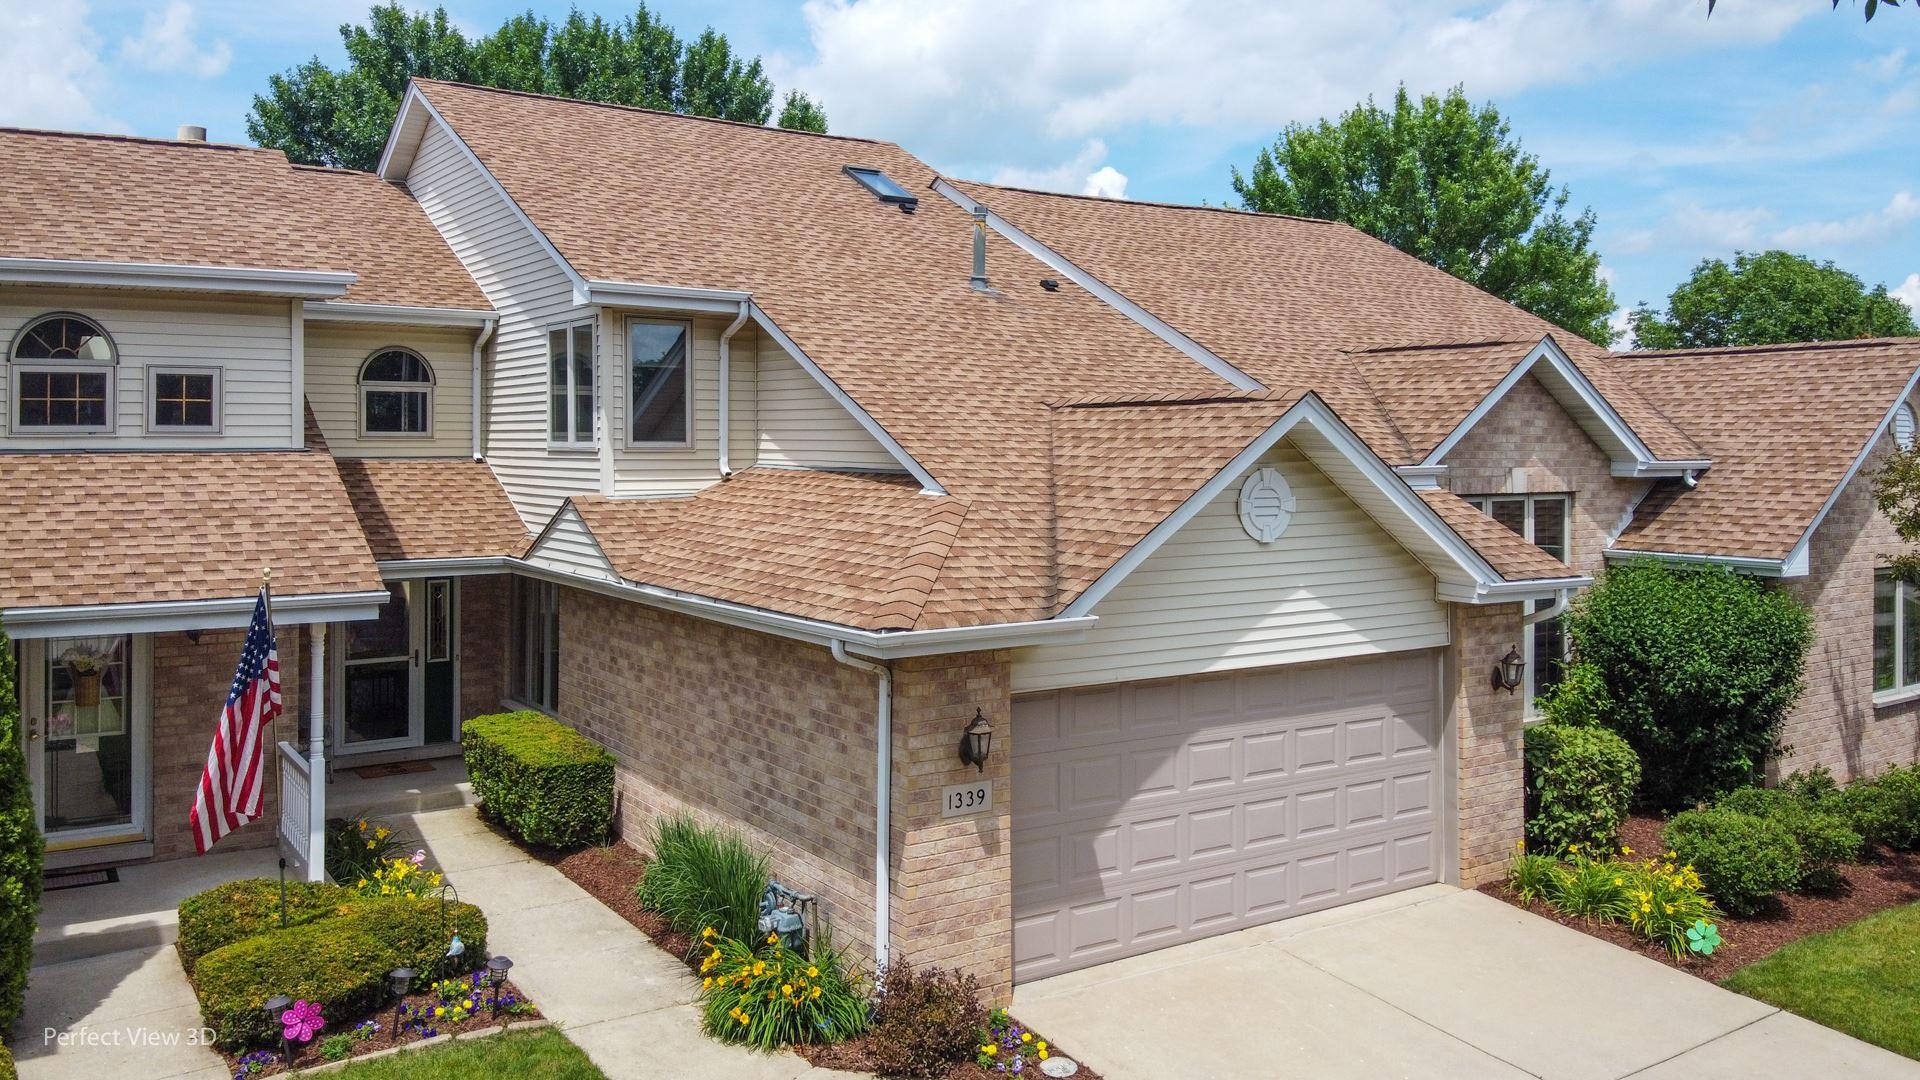 1339 Arbor Drive, Lemont, IL 60439 - #: 10763863